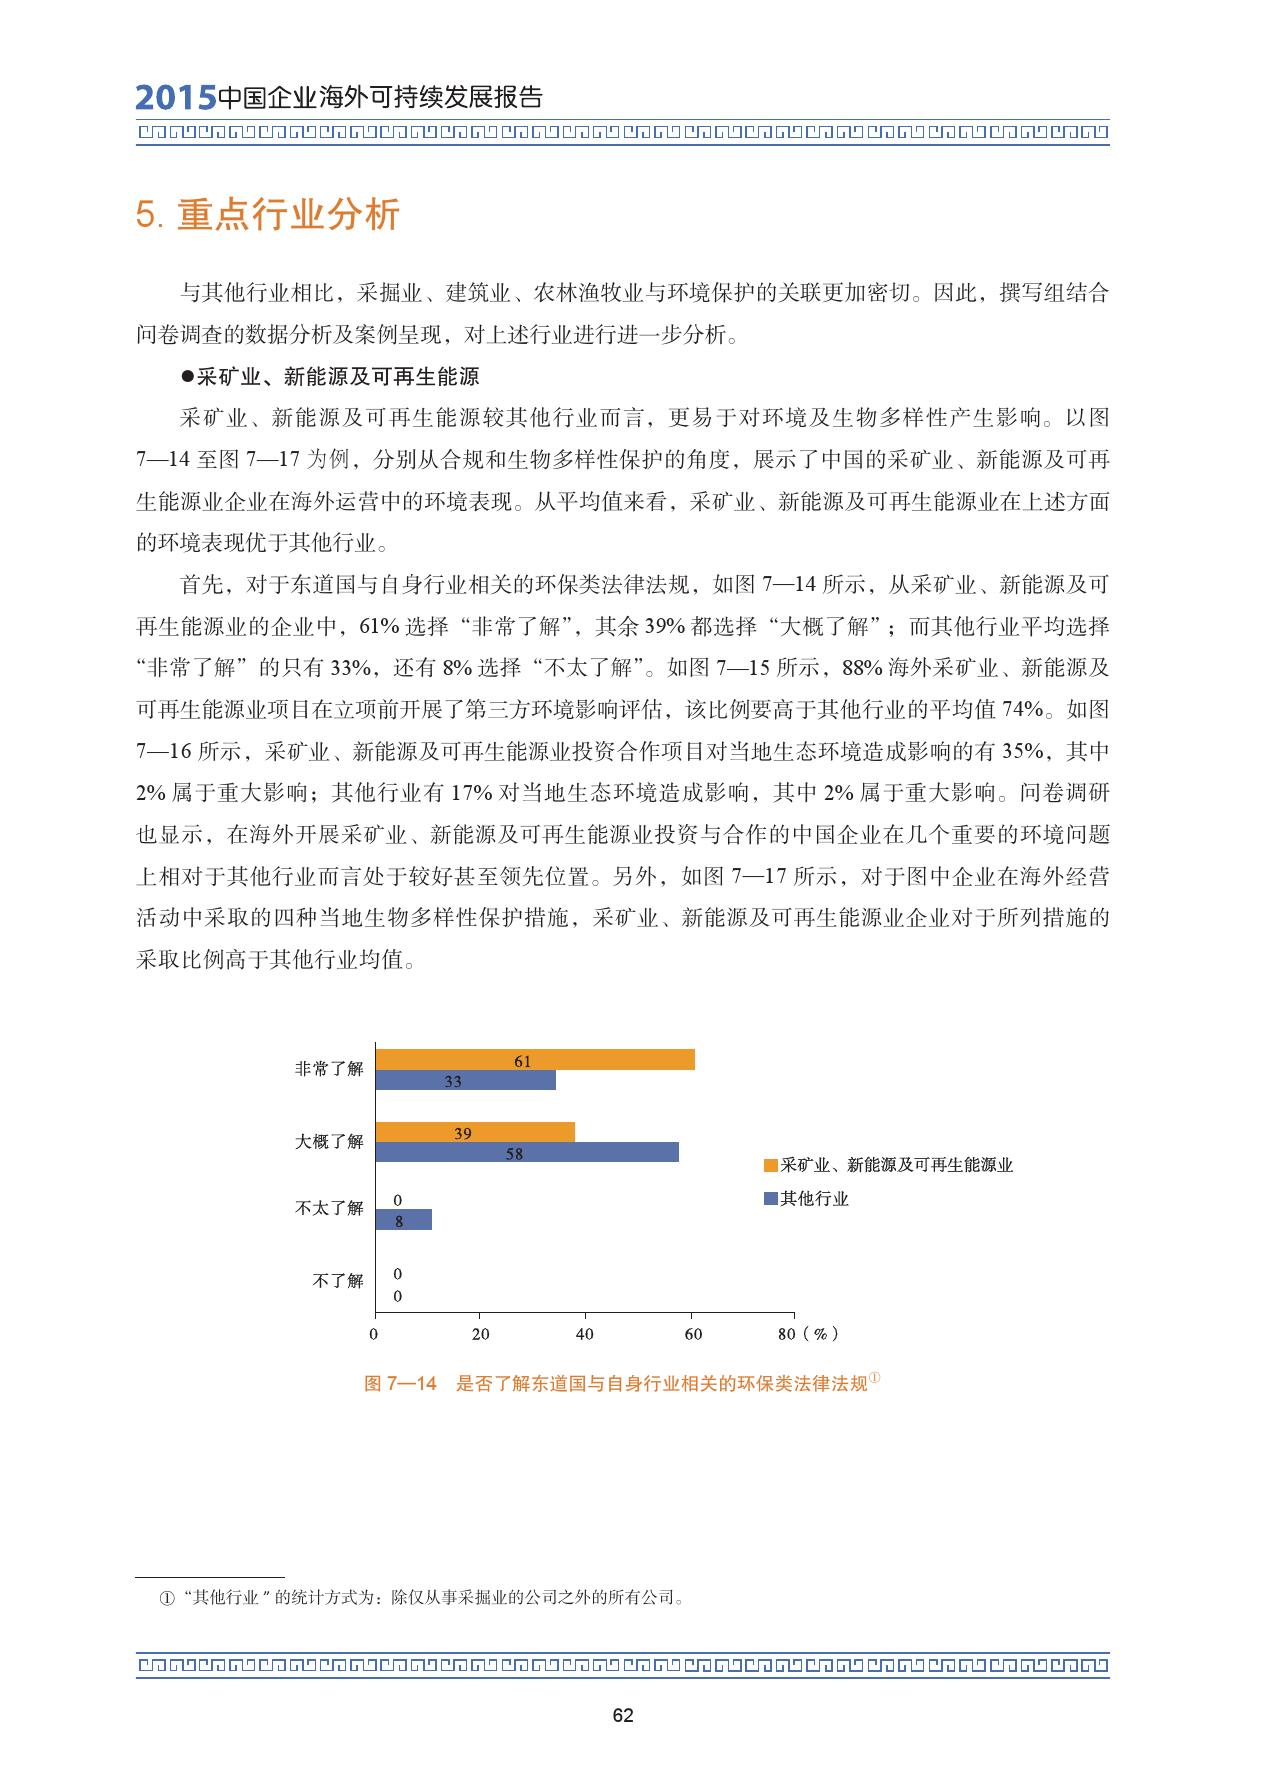 2015中国企业海外可持续发展报告_000076